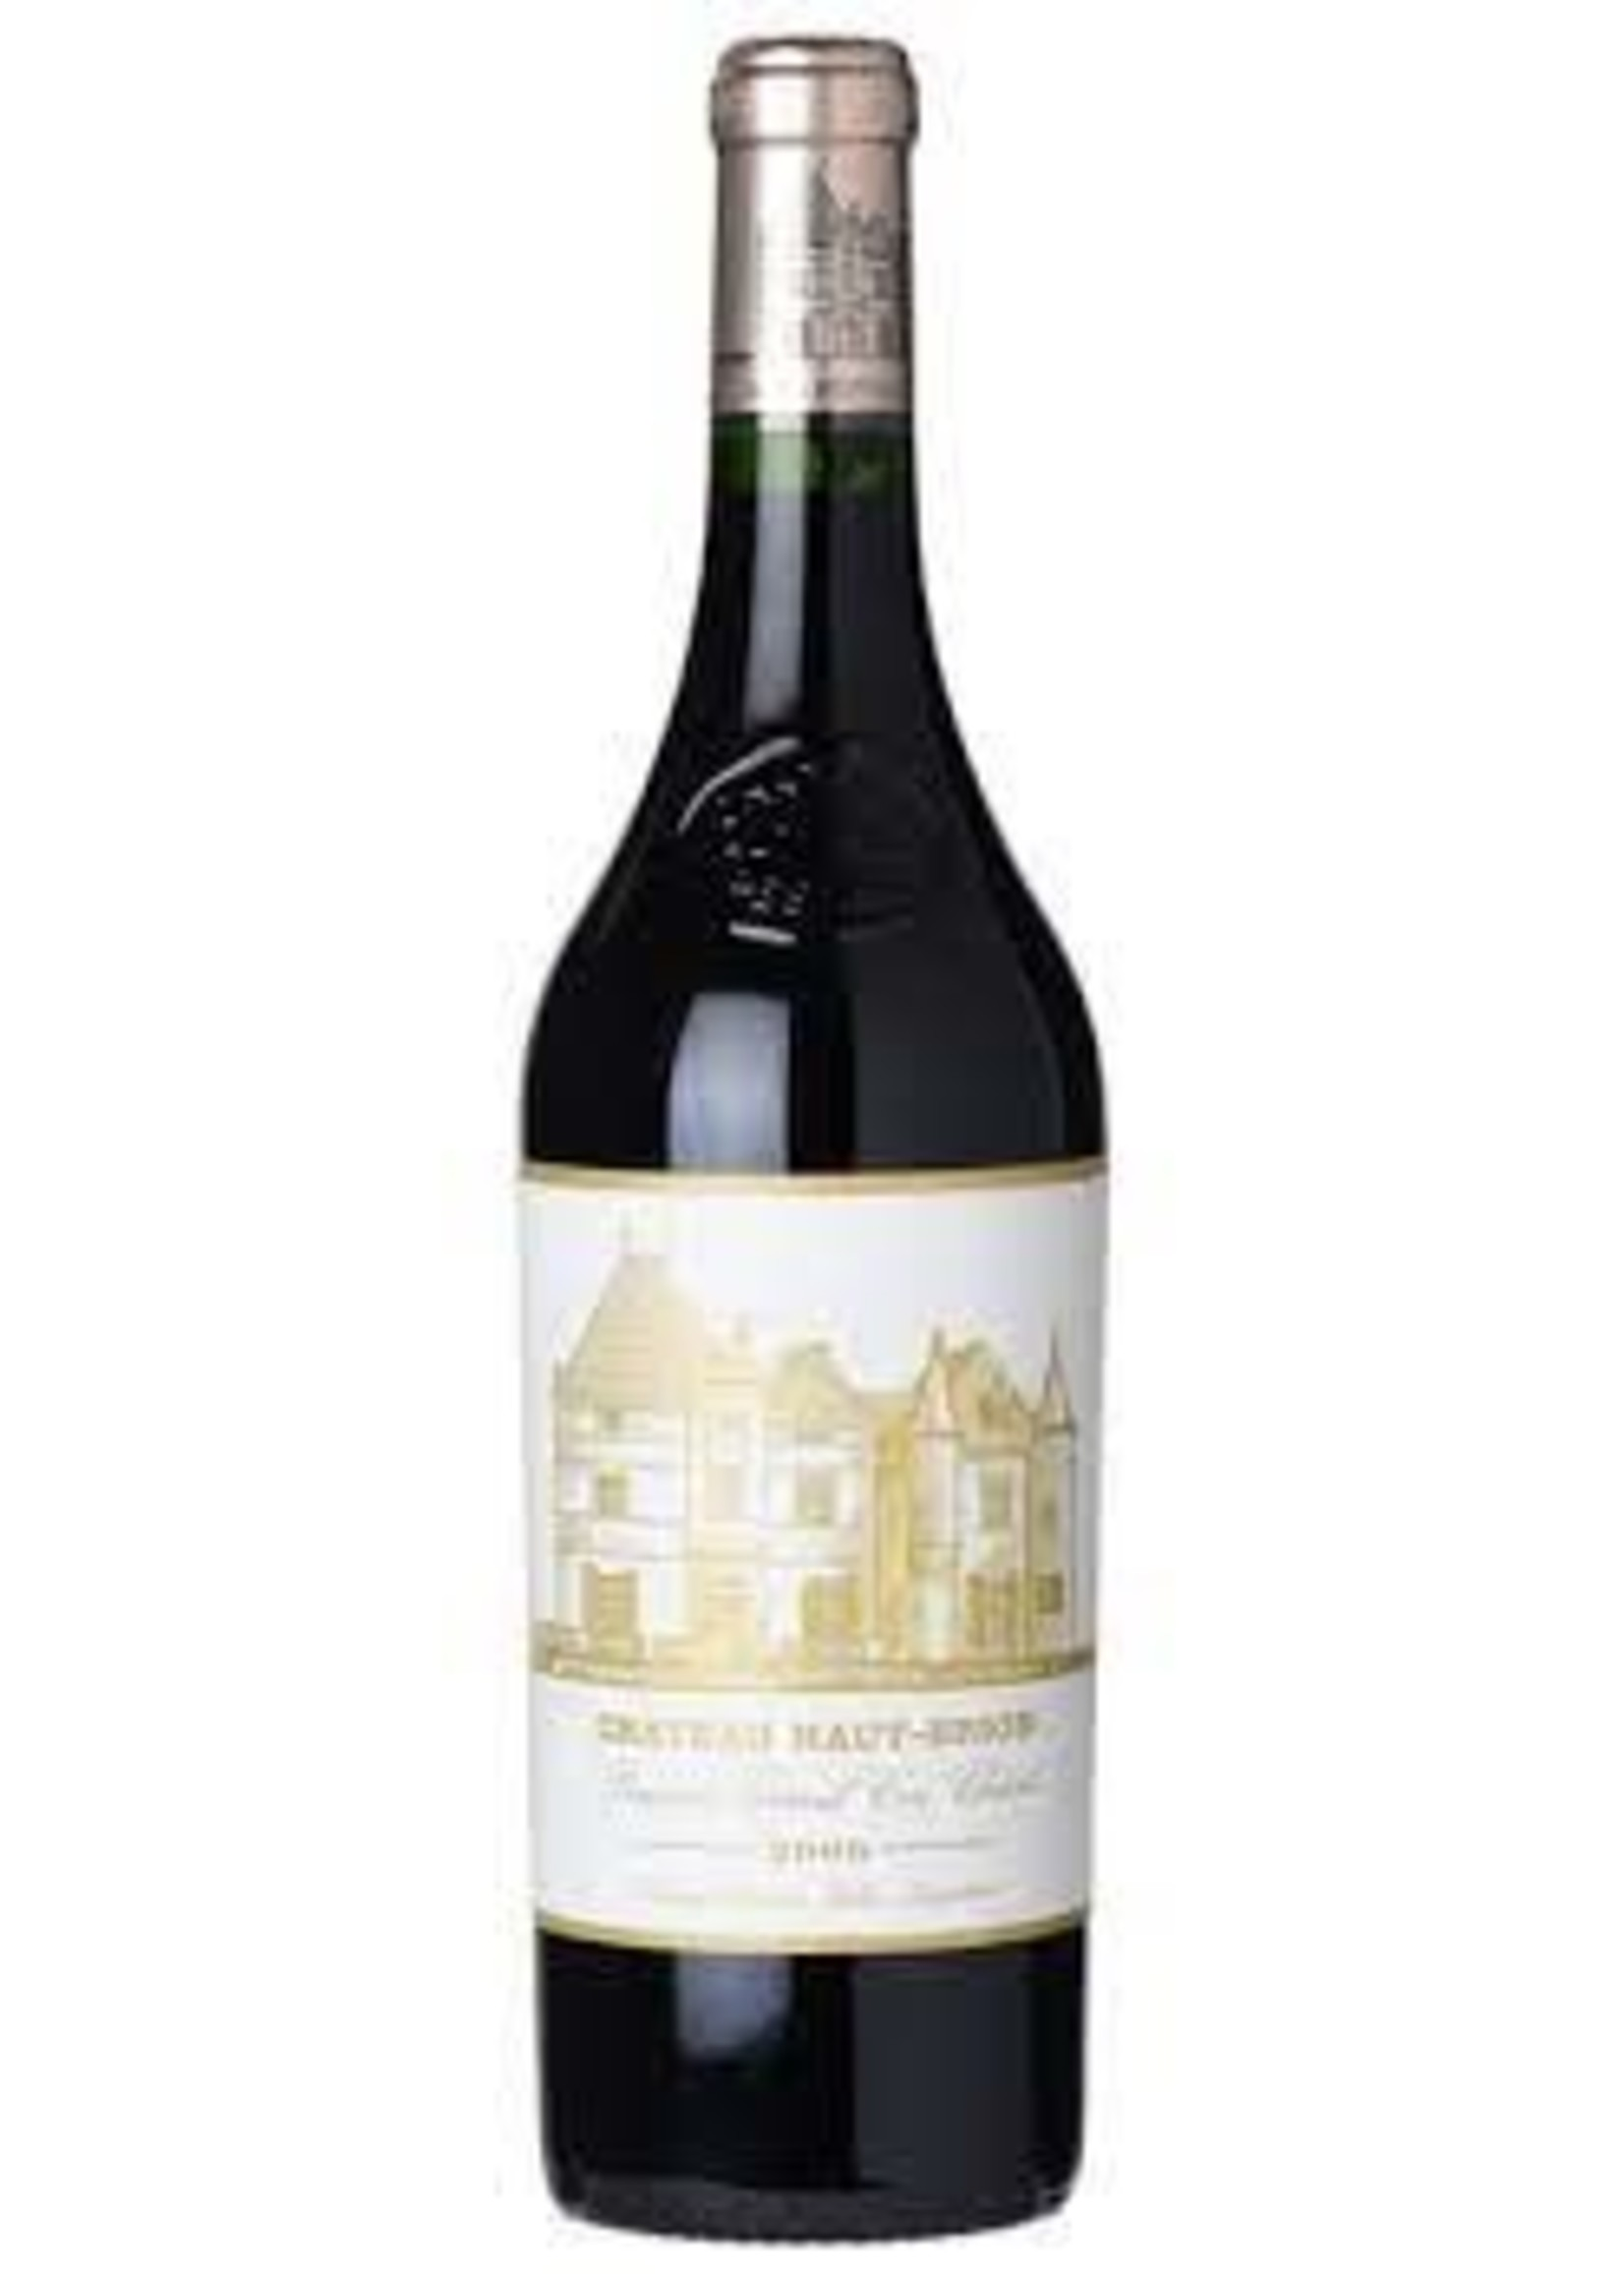 Chateau Haut-Brion 2005 Pessac-Leognan 750ml [PRE-ARRIVAL]